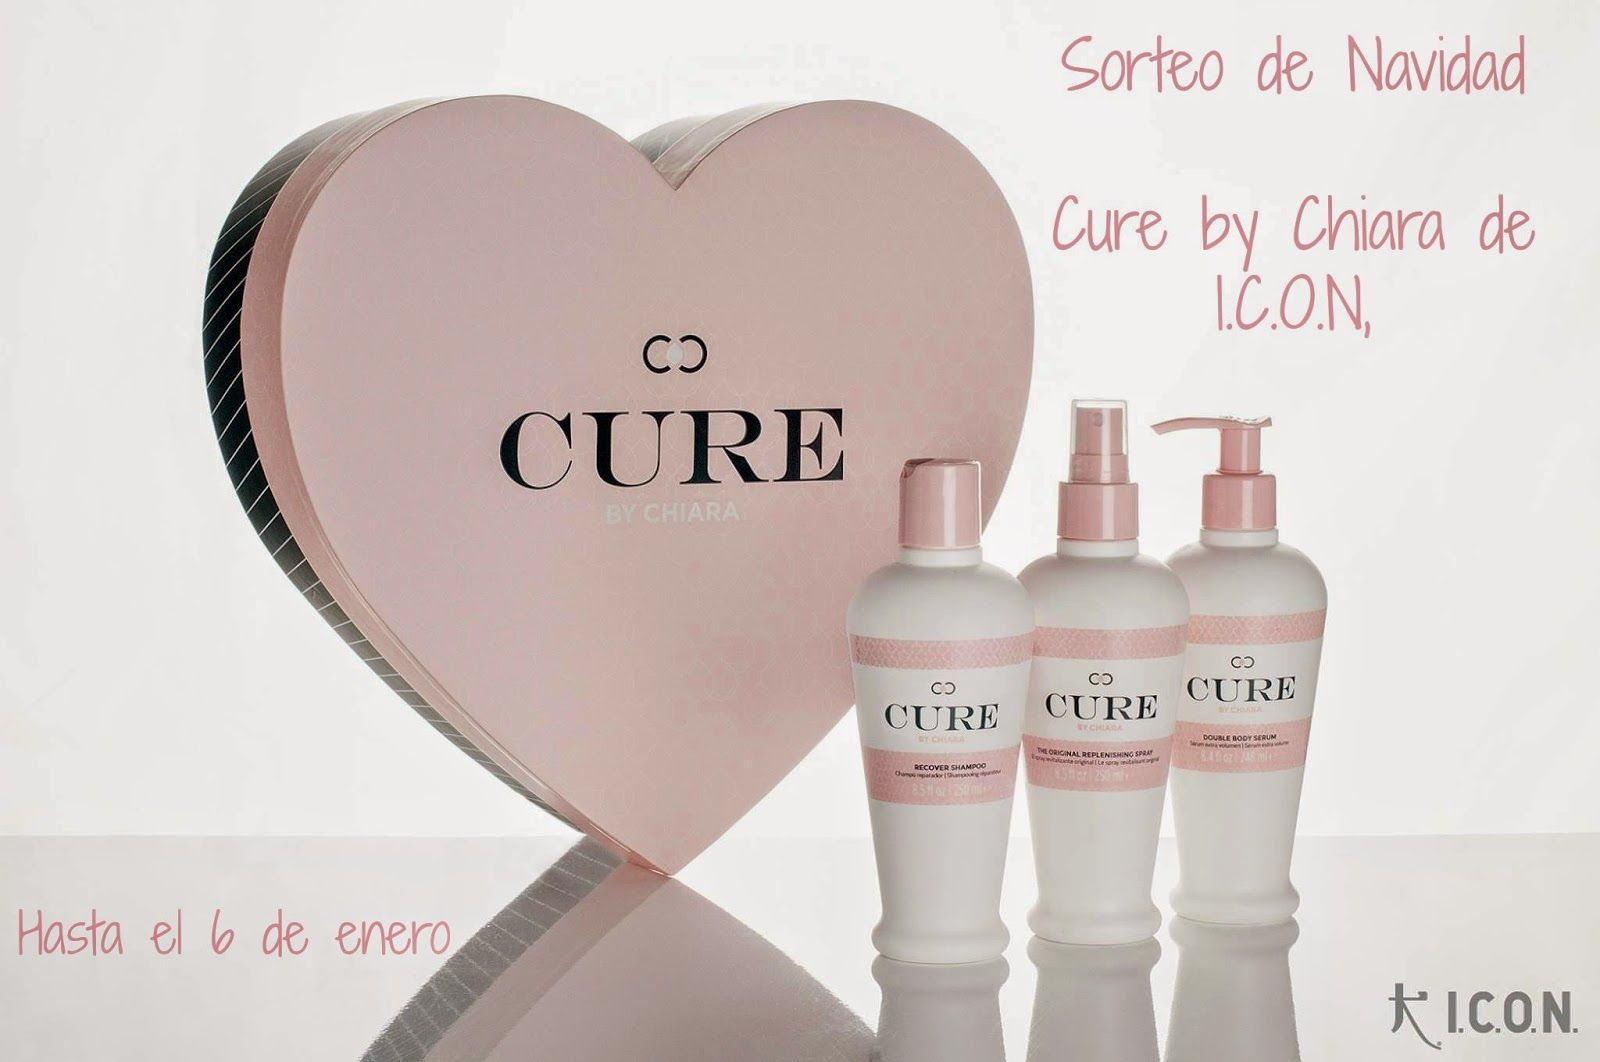 Un 10 en Belleza: Sorteo de Navidad: Cure by Chiara de I.C.O.N.